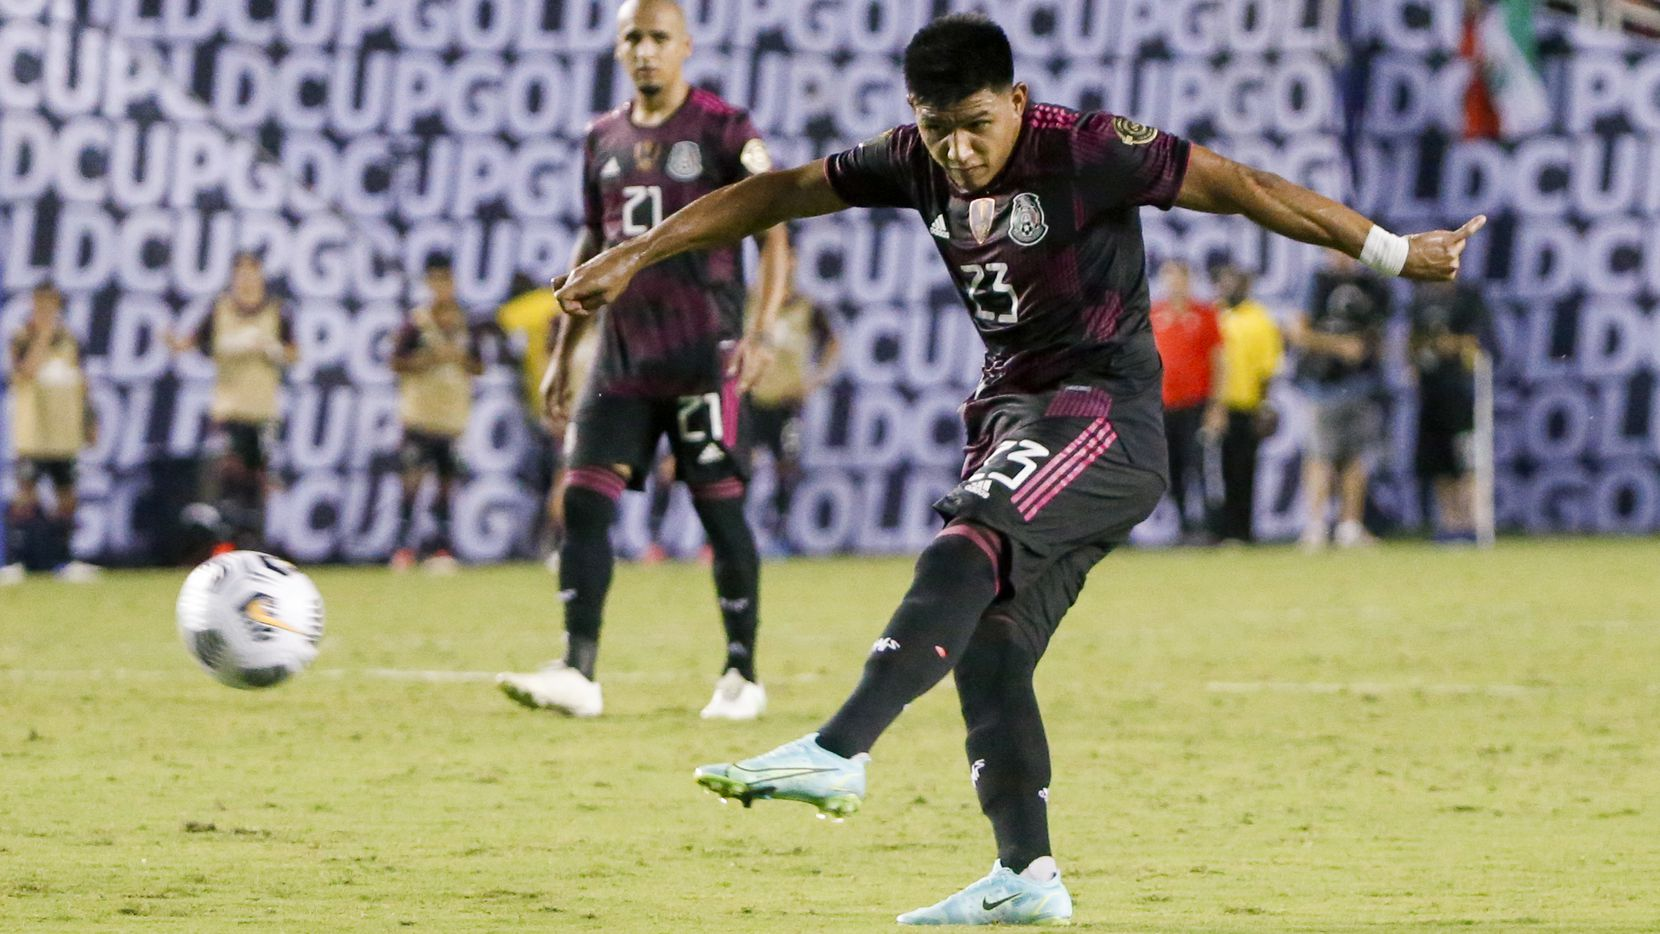 El mediocampista de México, Jesús Gallardo (23), le pega al balón durante el partido de la Copa Oro contra Guatemala en el Cotton Bowl de Dallas, el domingo 18 de julio de 2021 en Dallas. (Elias Valverde II / The Dallas Morning News)